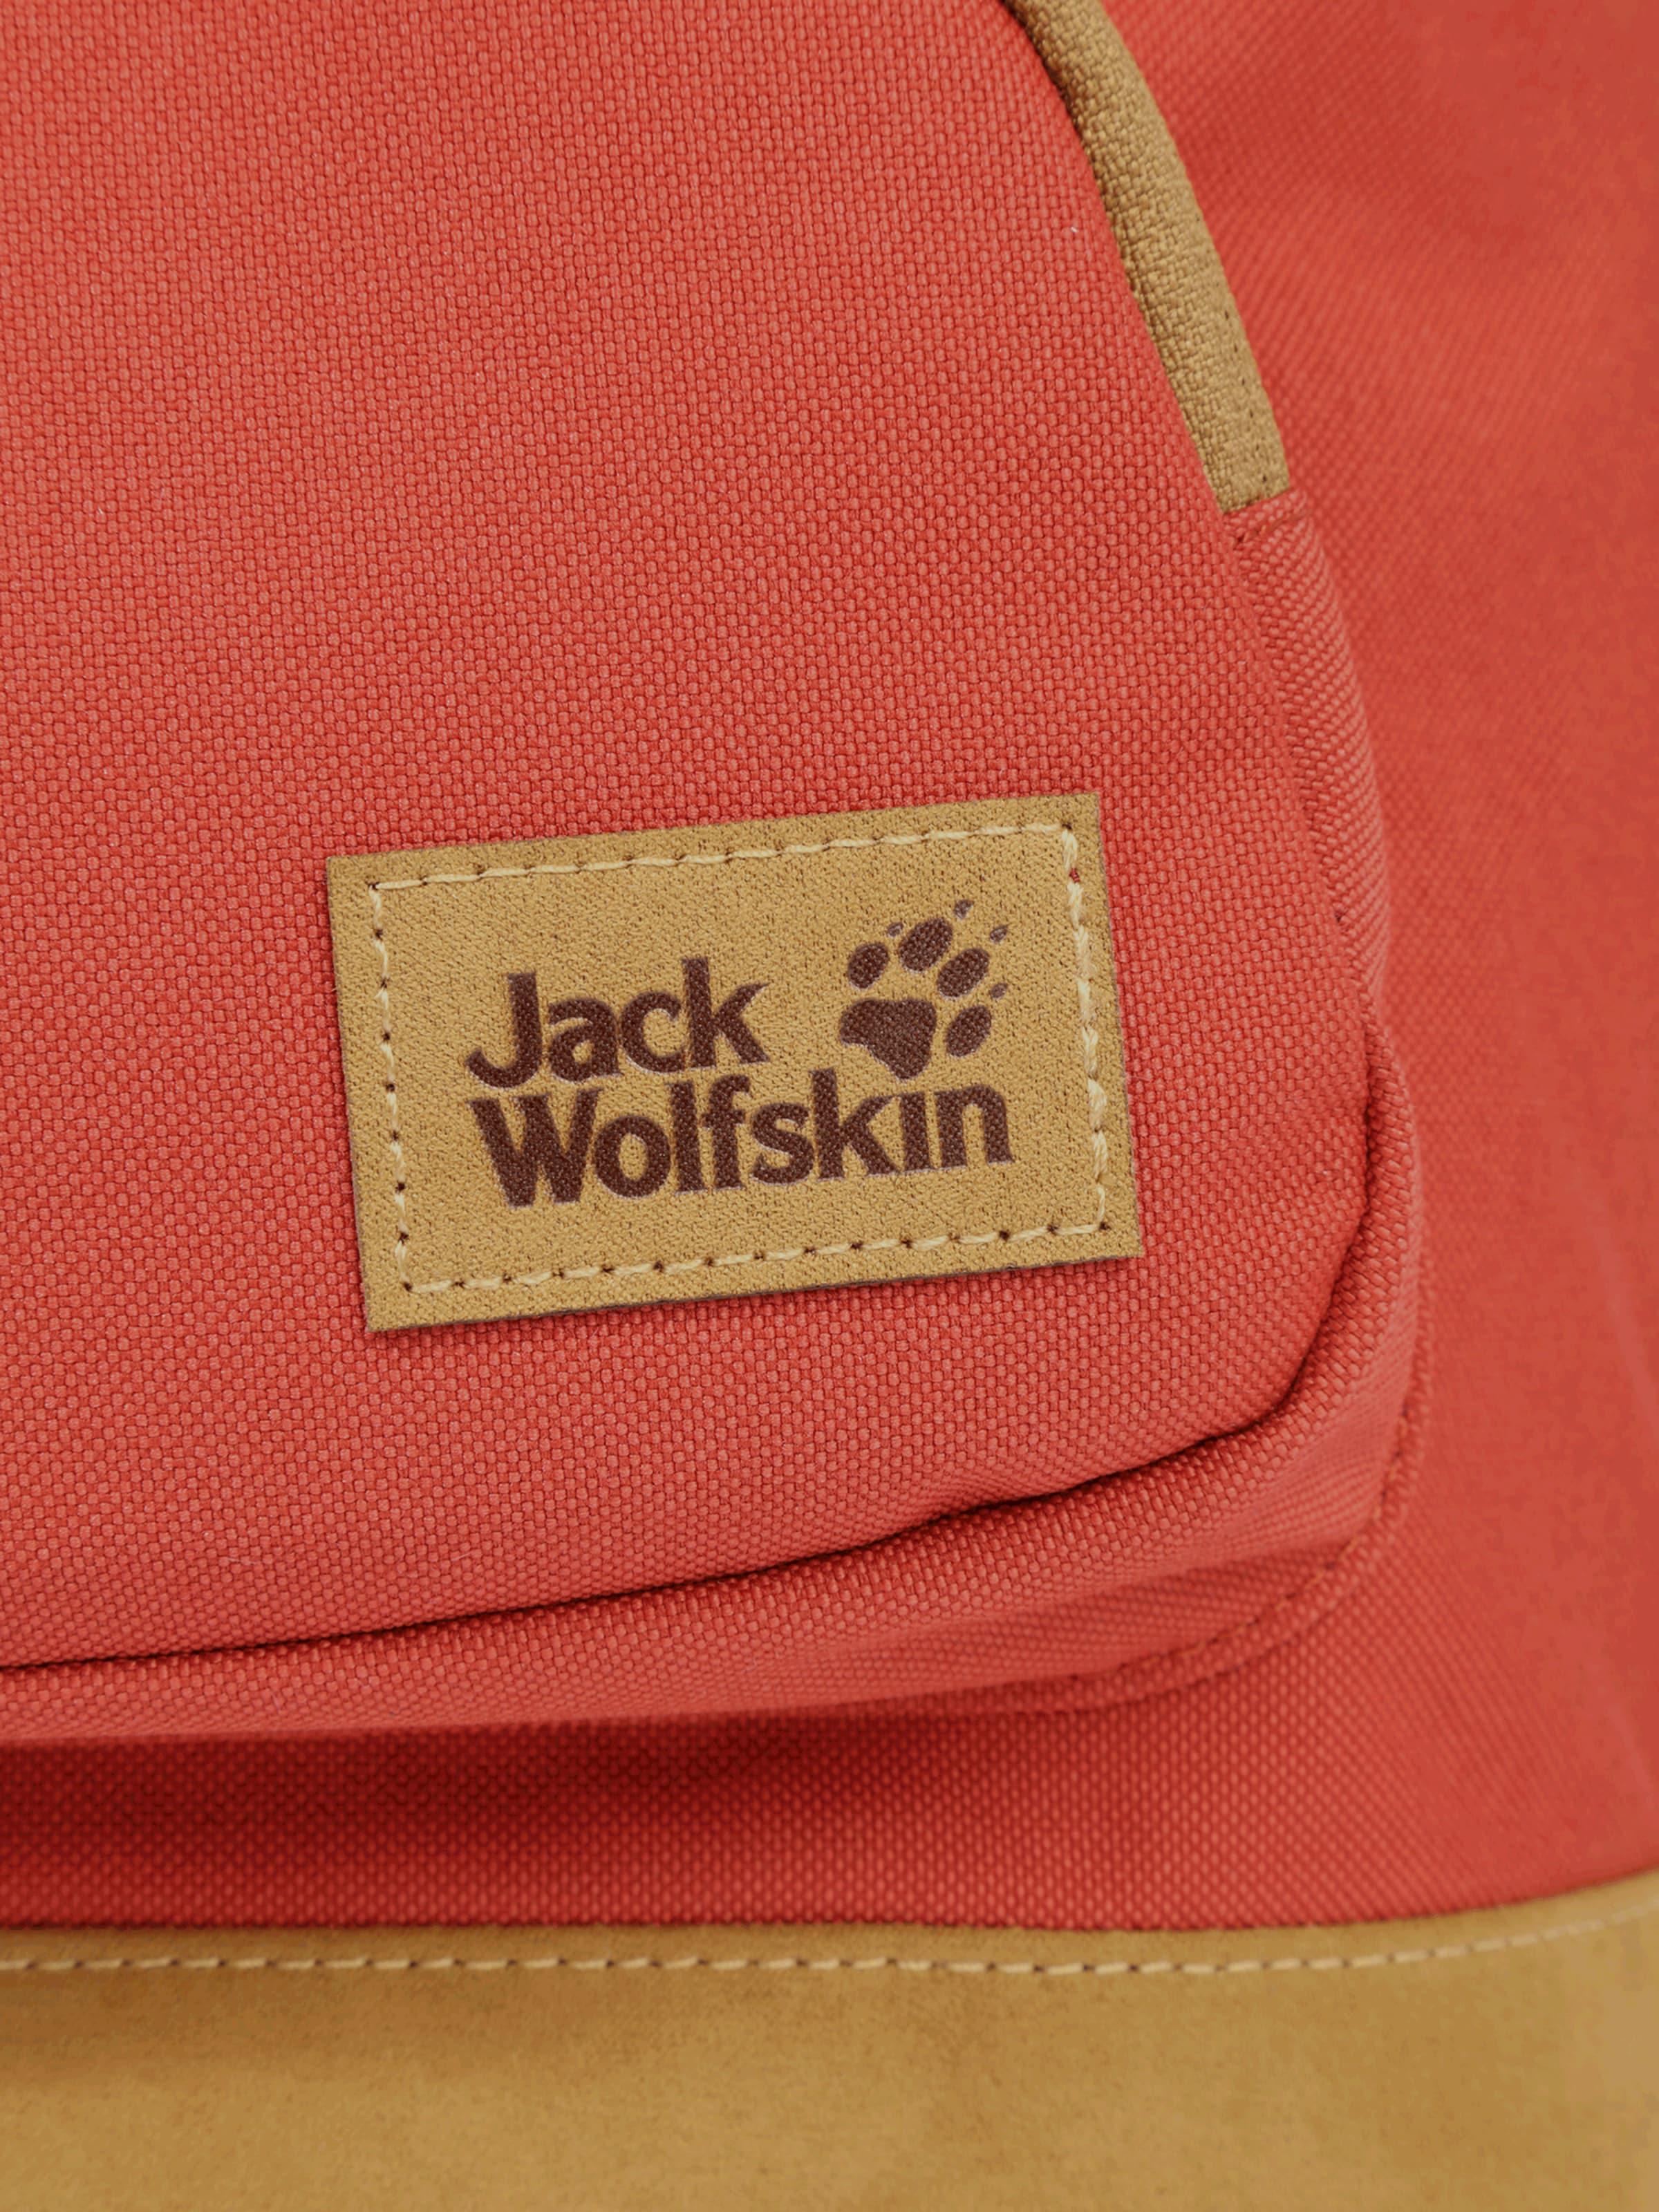 JACK WOLFSKIN Sportrucksack 'LONG ACRE' Günstig Preis-Kosten Günstig Kaufen Lohn Mit Paypal Freies Verschiffen Fälschung PohxWGxI